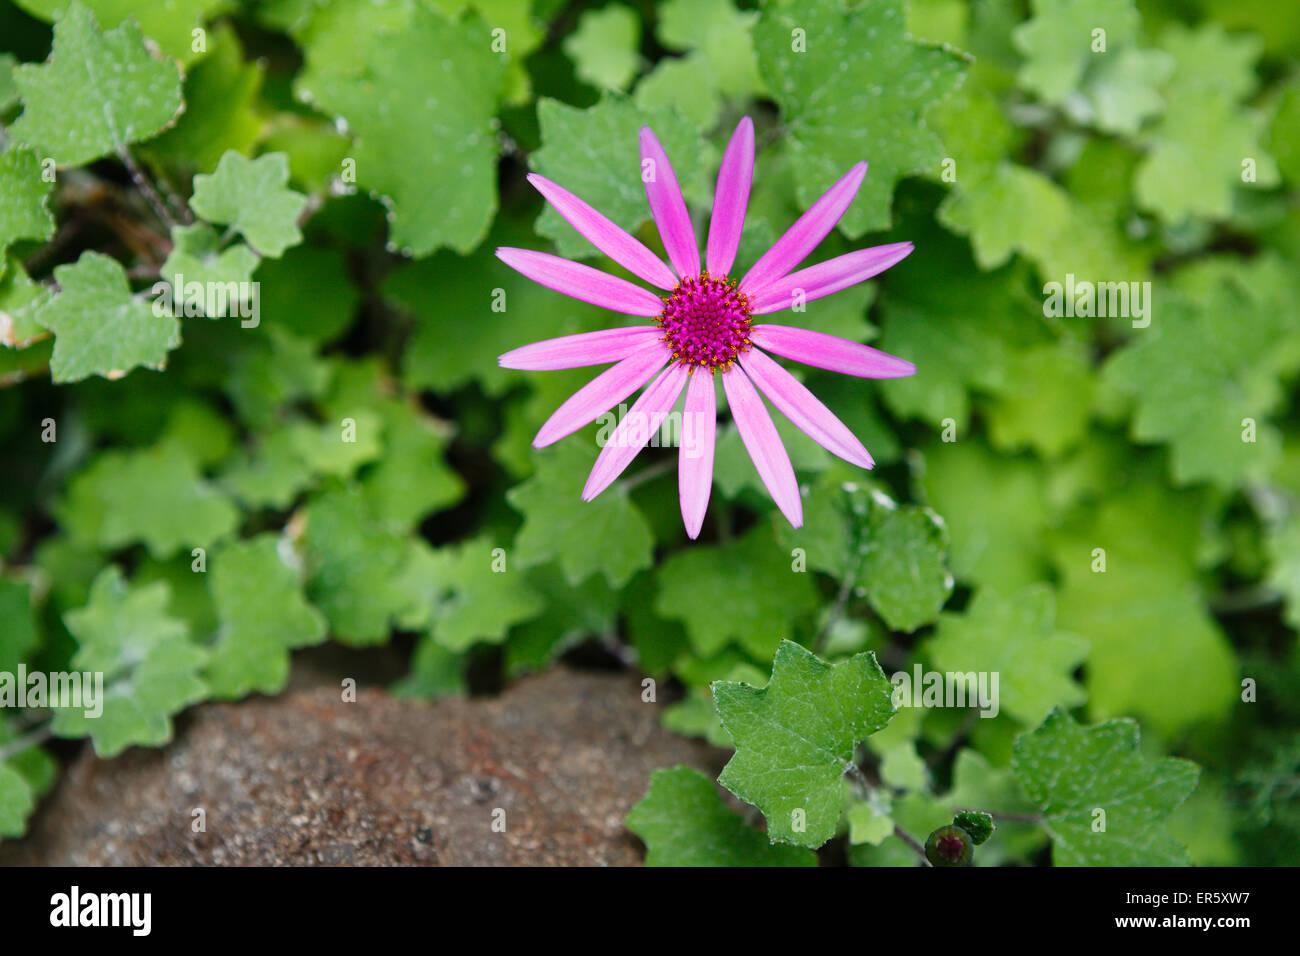 lat. Asteraceae, aster flower, Barranco de Masca, Masca canyon, Parque rural de Teno, natural preserve, Teno mountains, - Stock Image